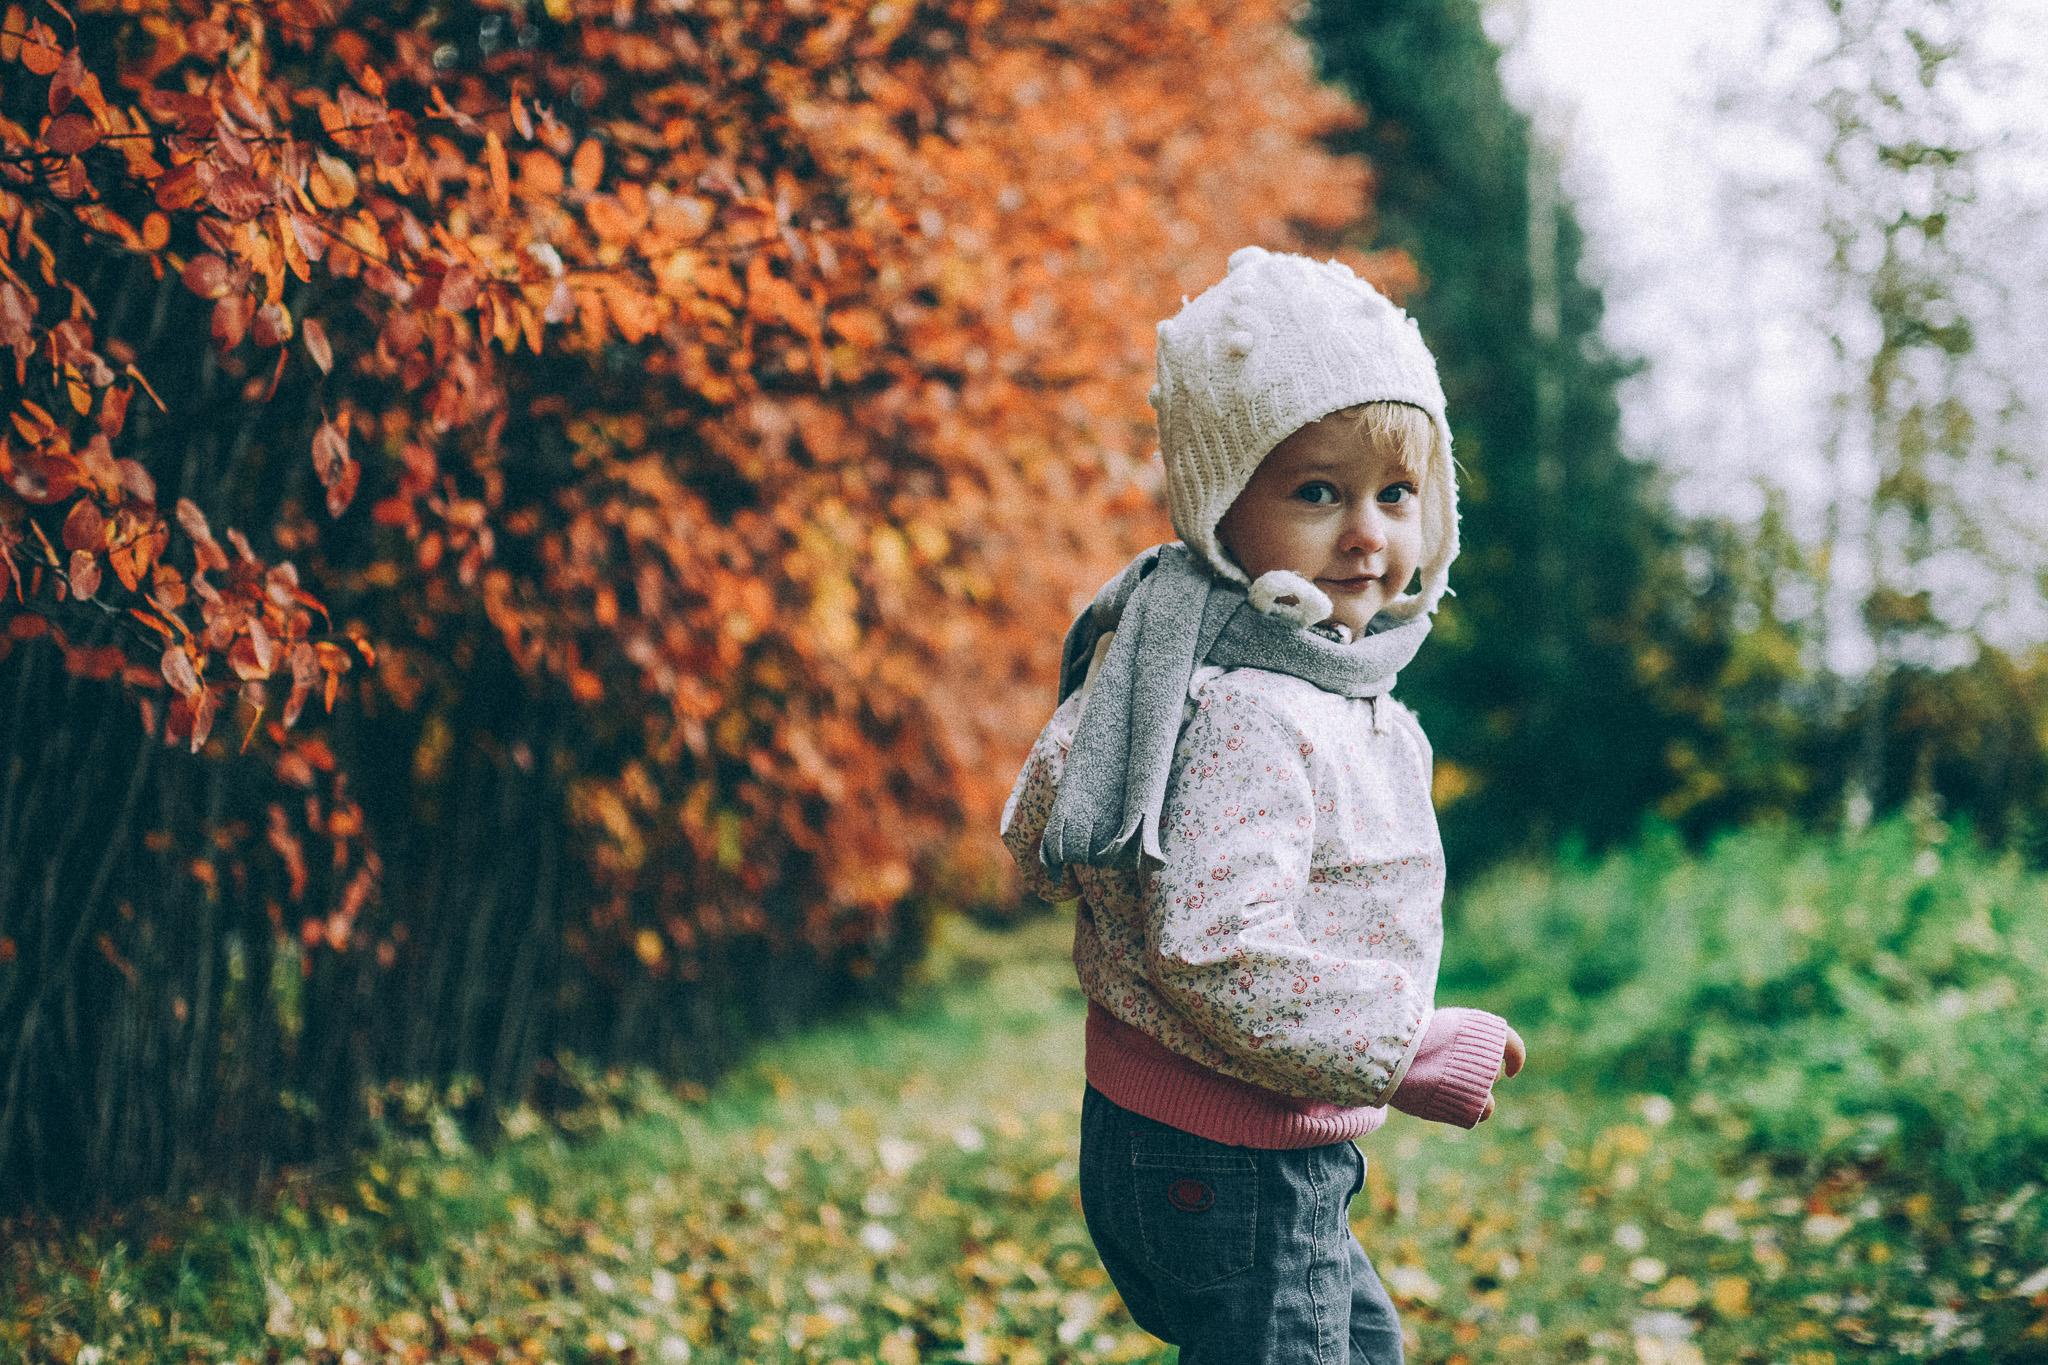 10-01-Fall-Rauhalahti-Haplop-15_LR edited_FB.jpg